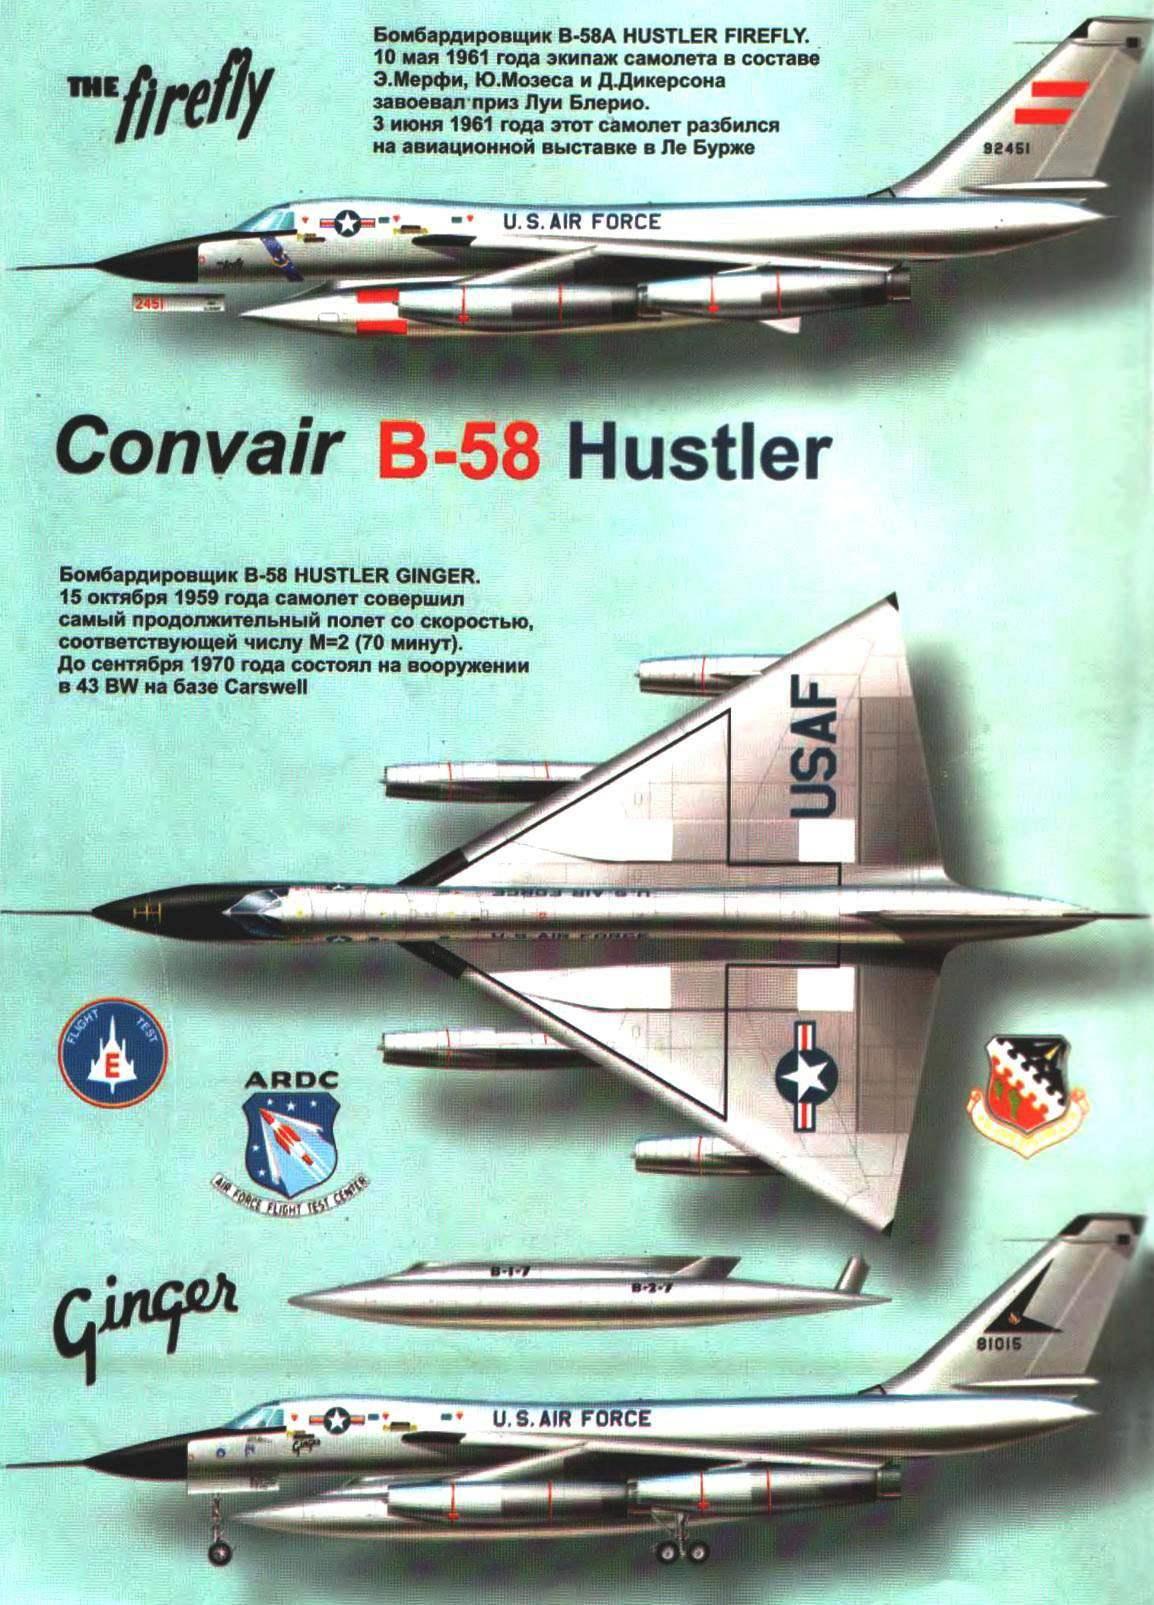 Сверхзвуковой стратегический бомбардировщик CONVAIR B-58 HUSTLER